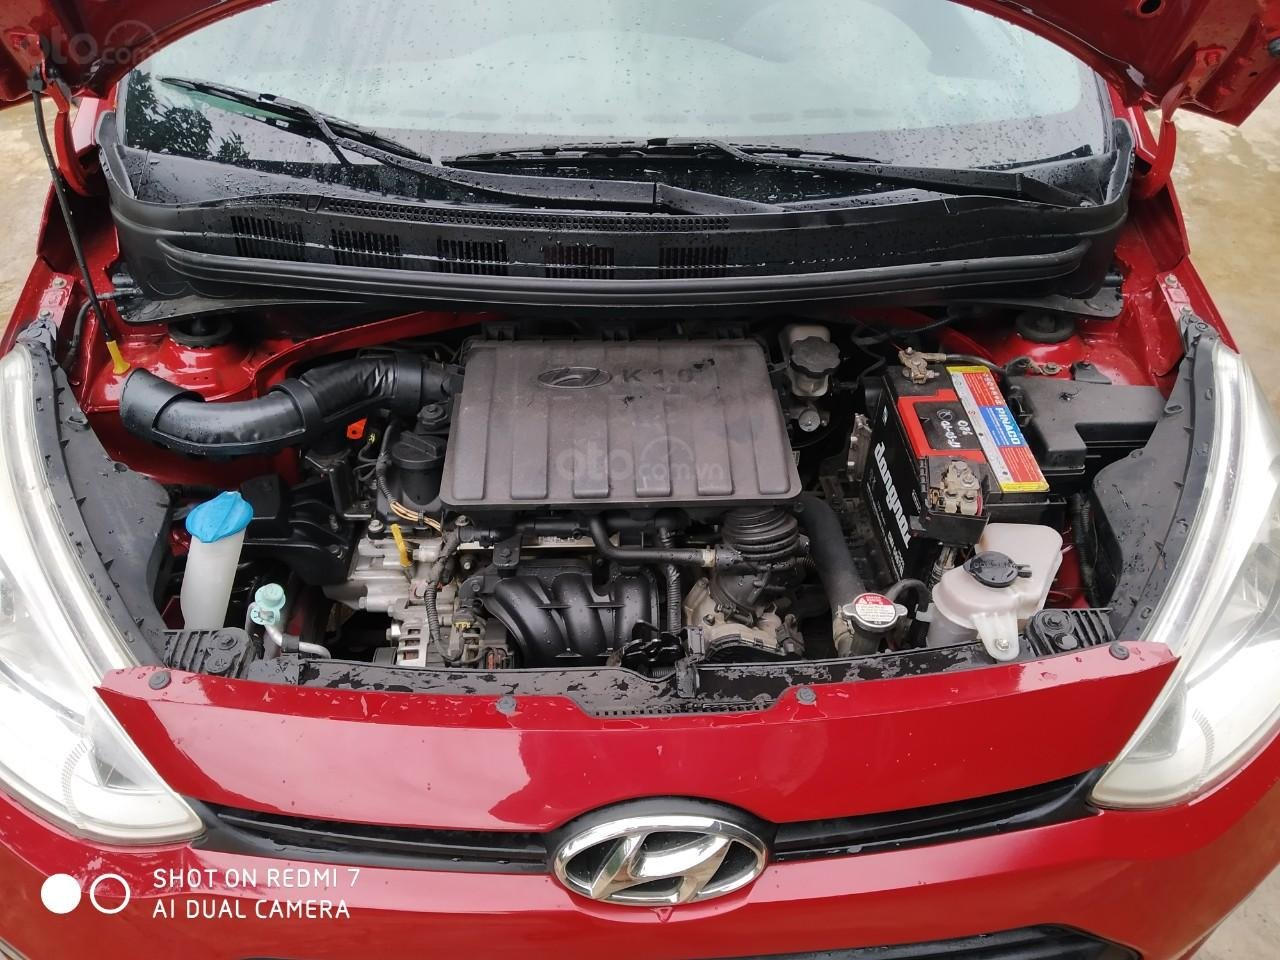 Bán xe Hyundai Grand i10 xe gần như mới 90% (3)